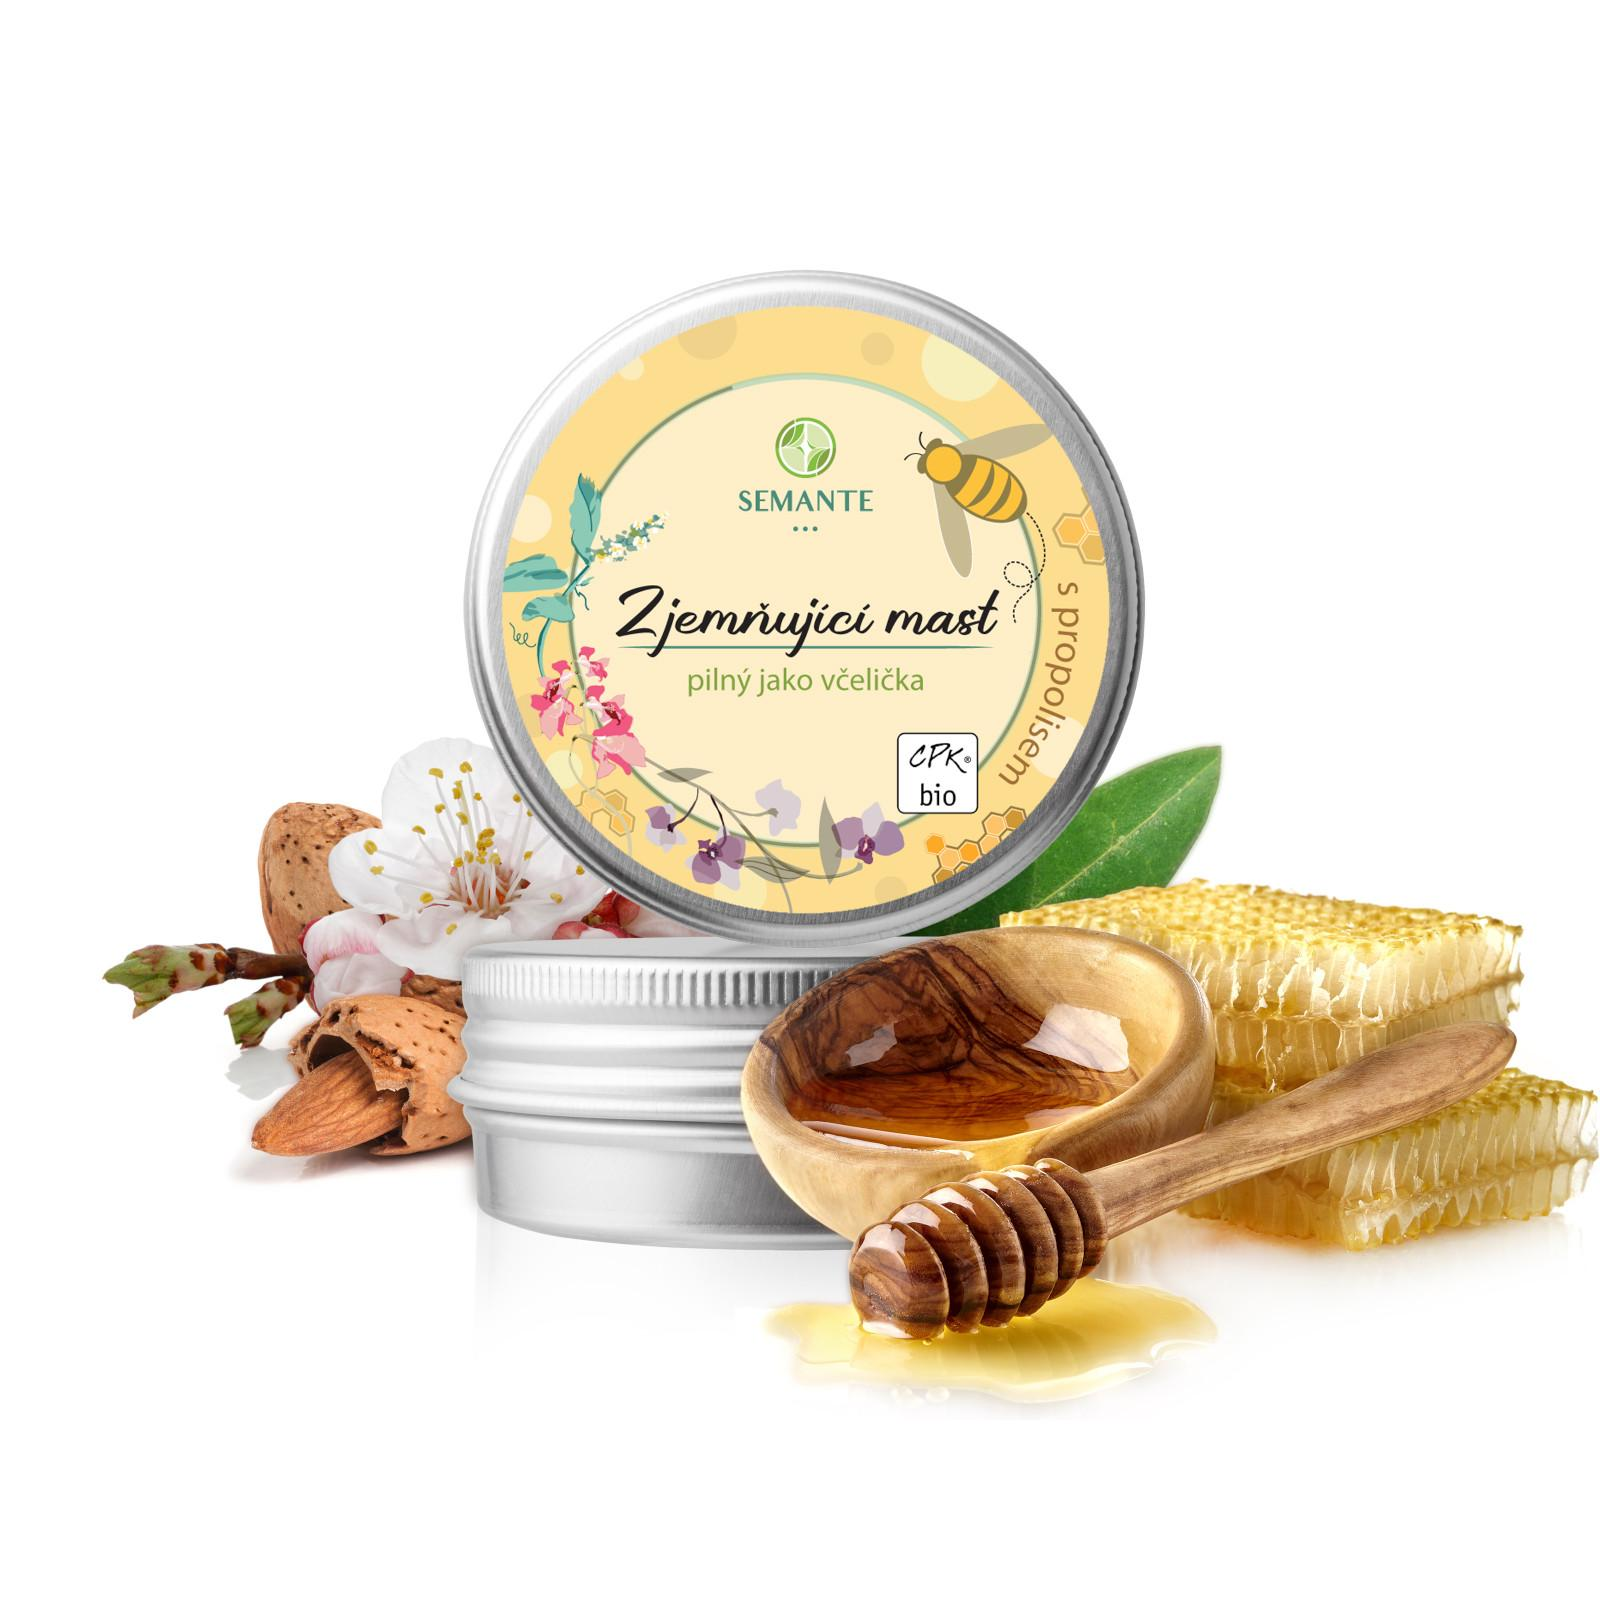 Semante by Naturalis Pilný jako včelička, zjemňující mast s propolisem 50 ml